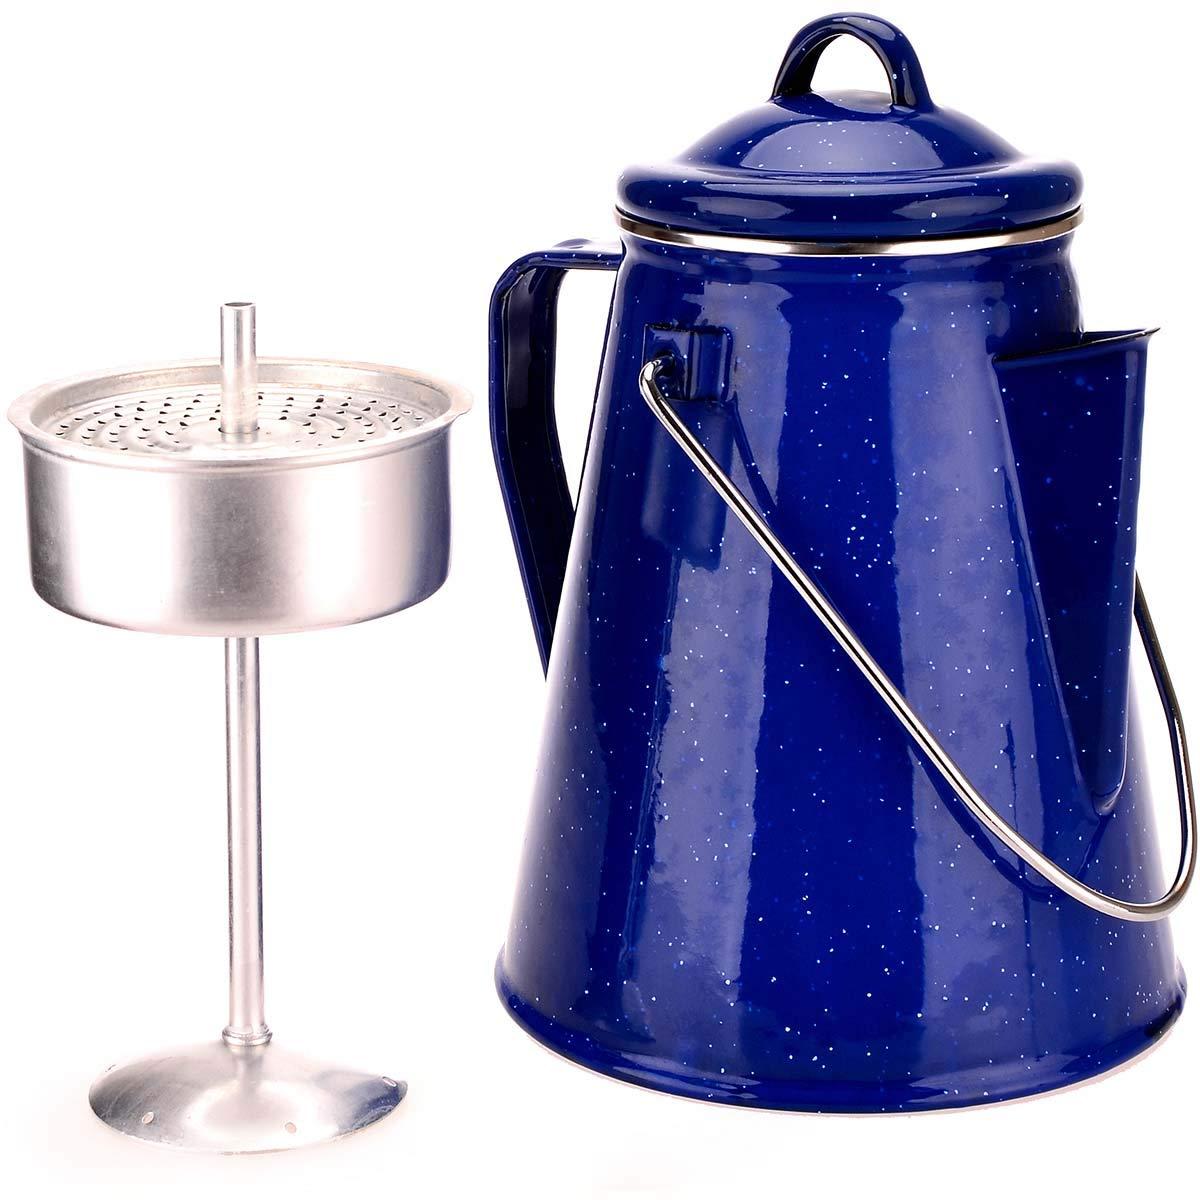 Cafetera esmaltada con filtro para 8 tazas. 2 Litros. 600gr con percolador. Hecha de acero de 0.4mm perfecta para irte de camping o caravanning, barbacoas y picnics. Se puede usar tambien como tetera o hervidor de agua. OZtrail OZT_10182